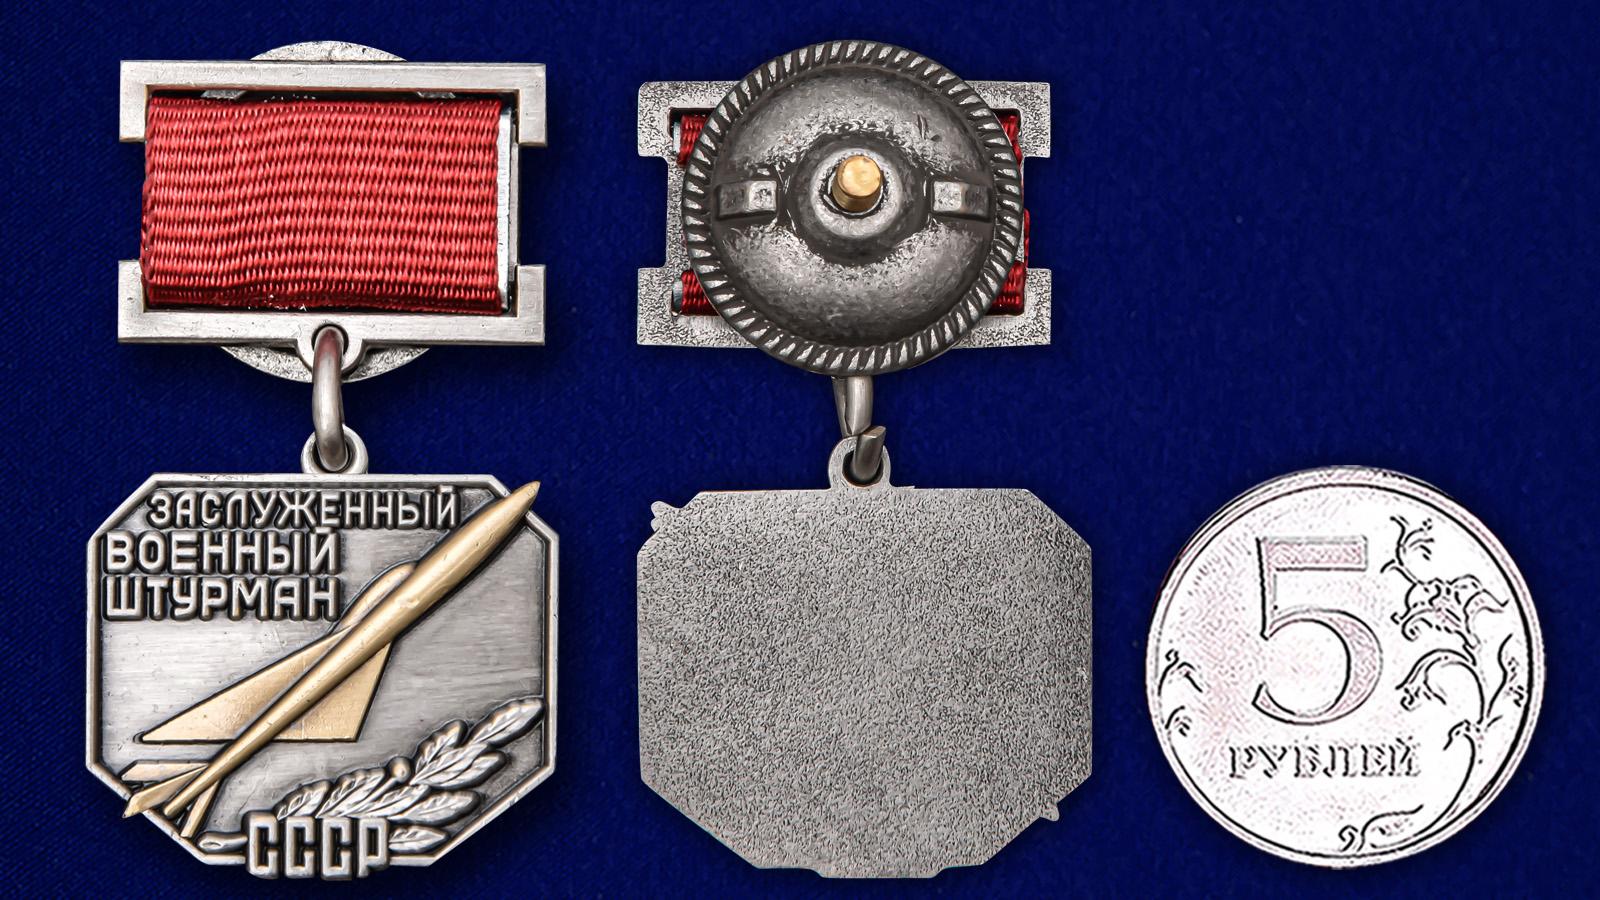 Нагрудный знак Заслуженный военный штурман СССР - сравнительный вид